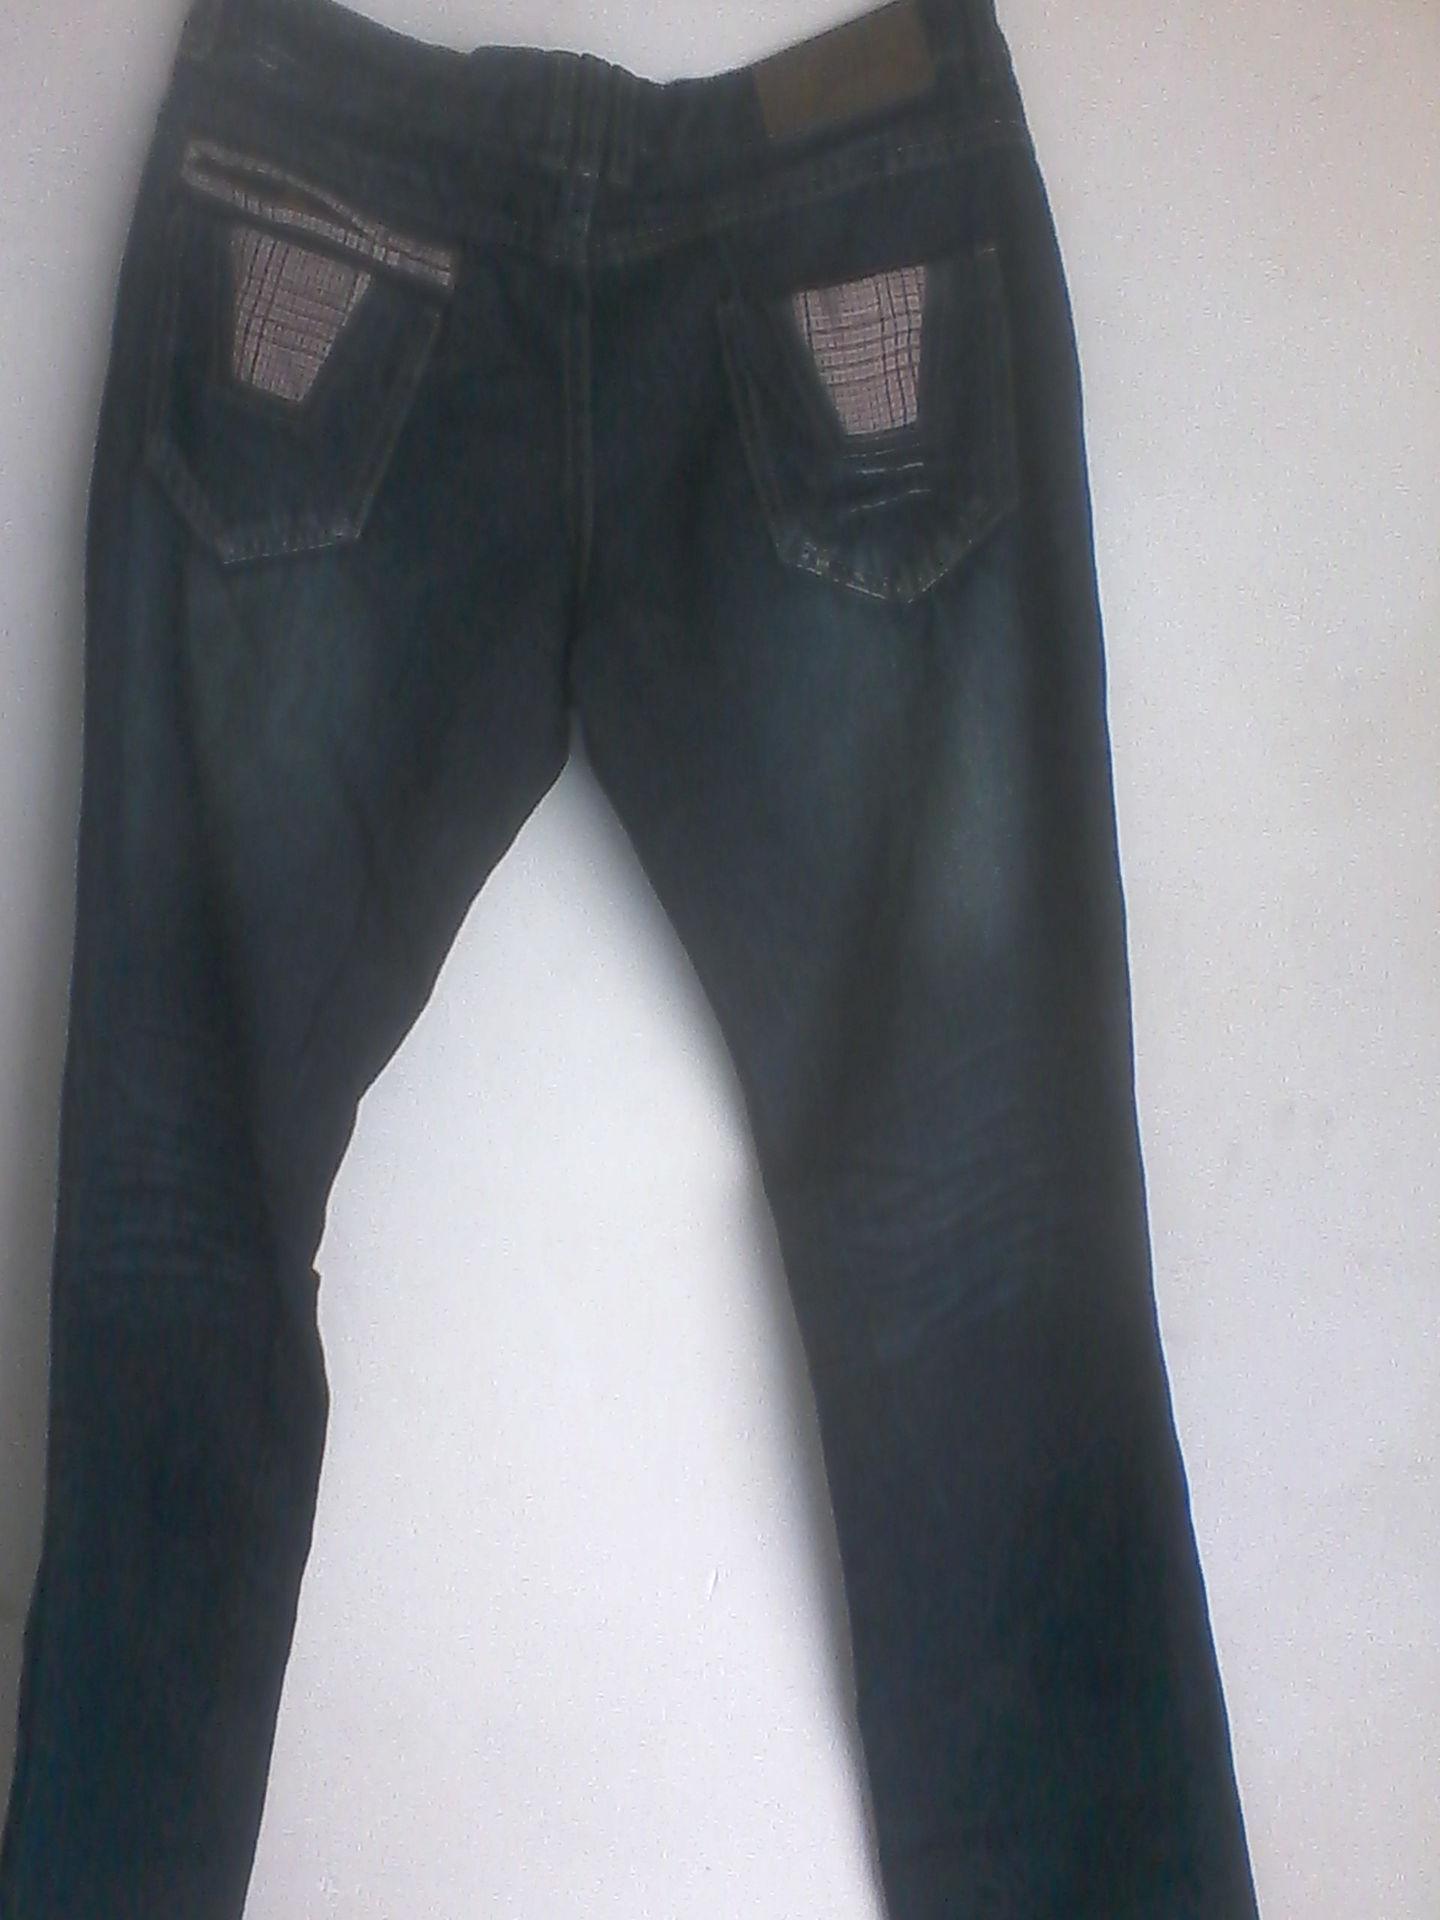 男女通穿 带弹力时尚牛仔裤图片,男女通穿 带弹力时尚牛仔裤图片大